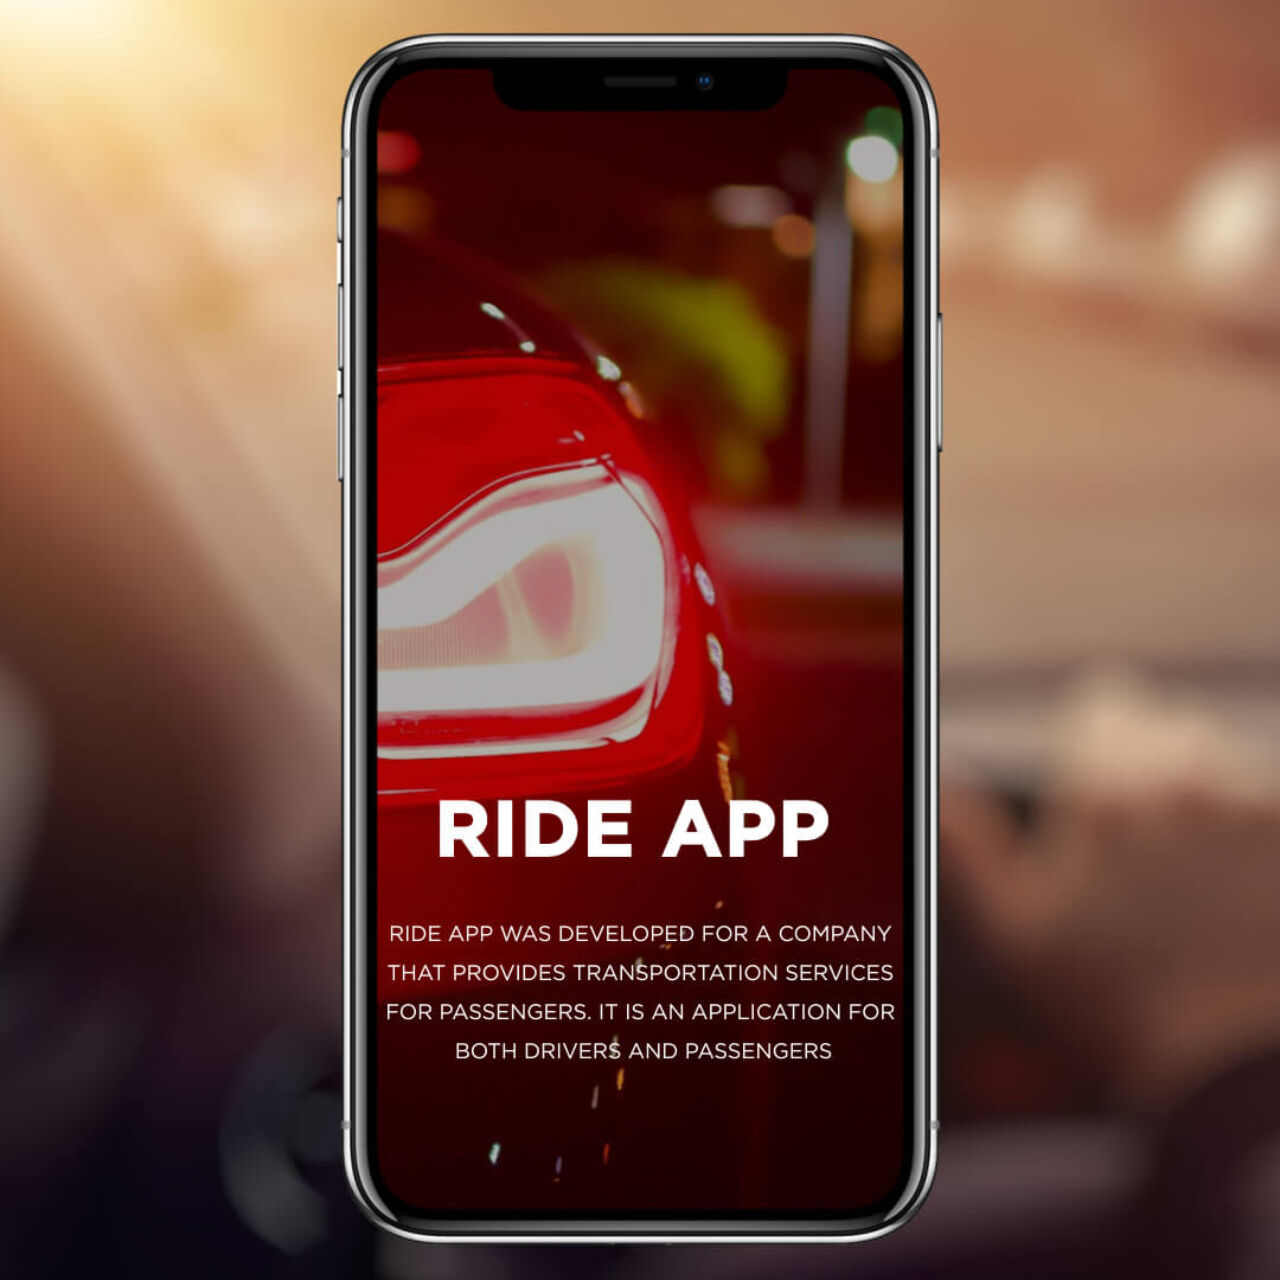 Ride App - Description